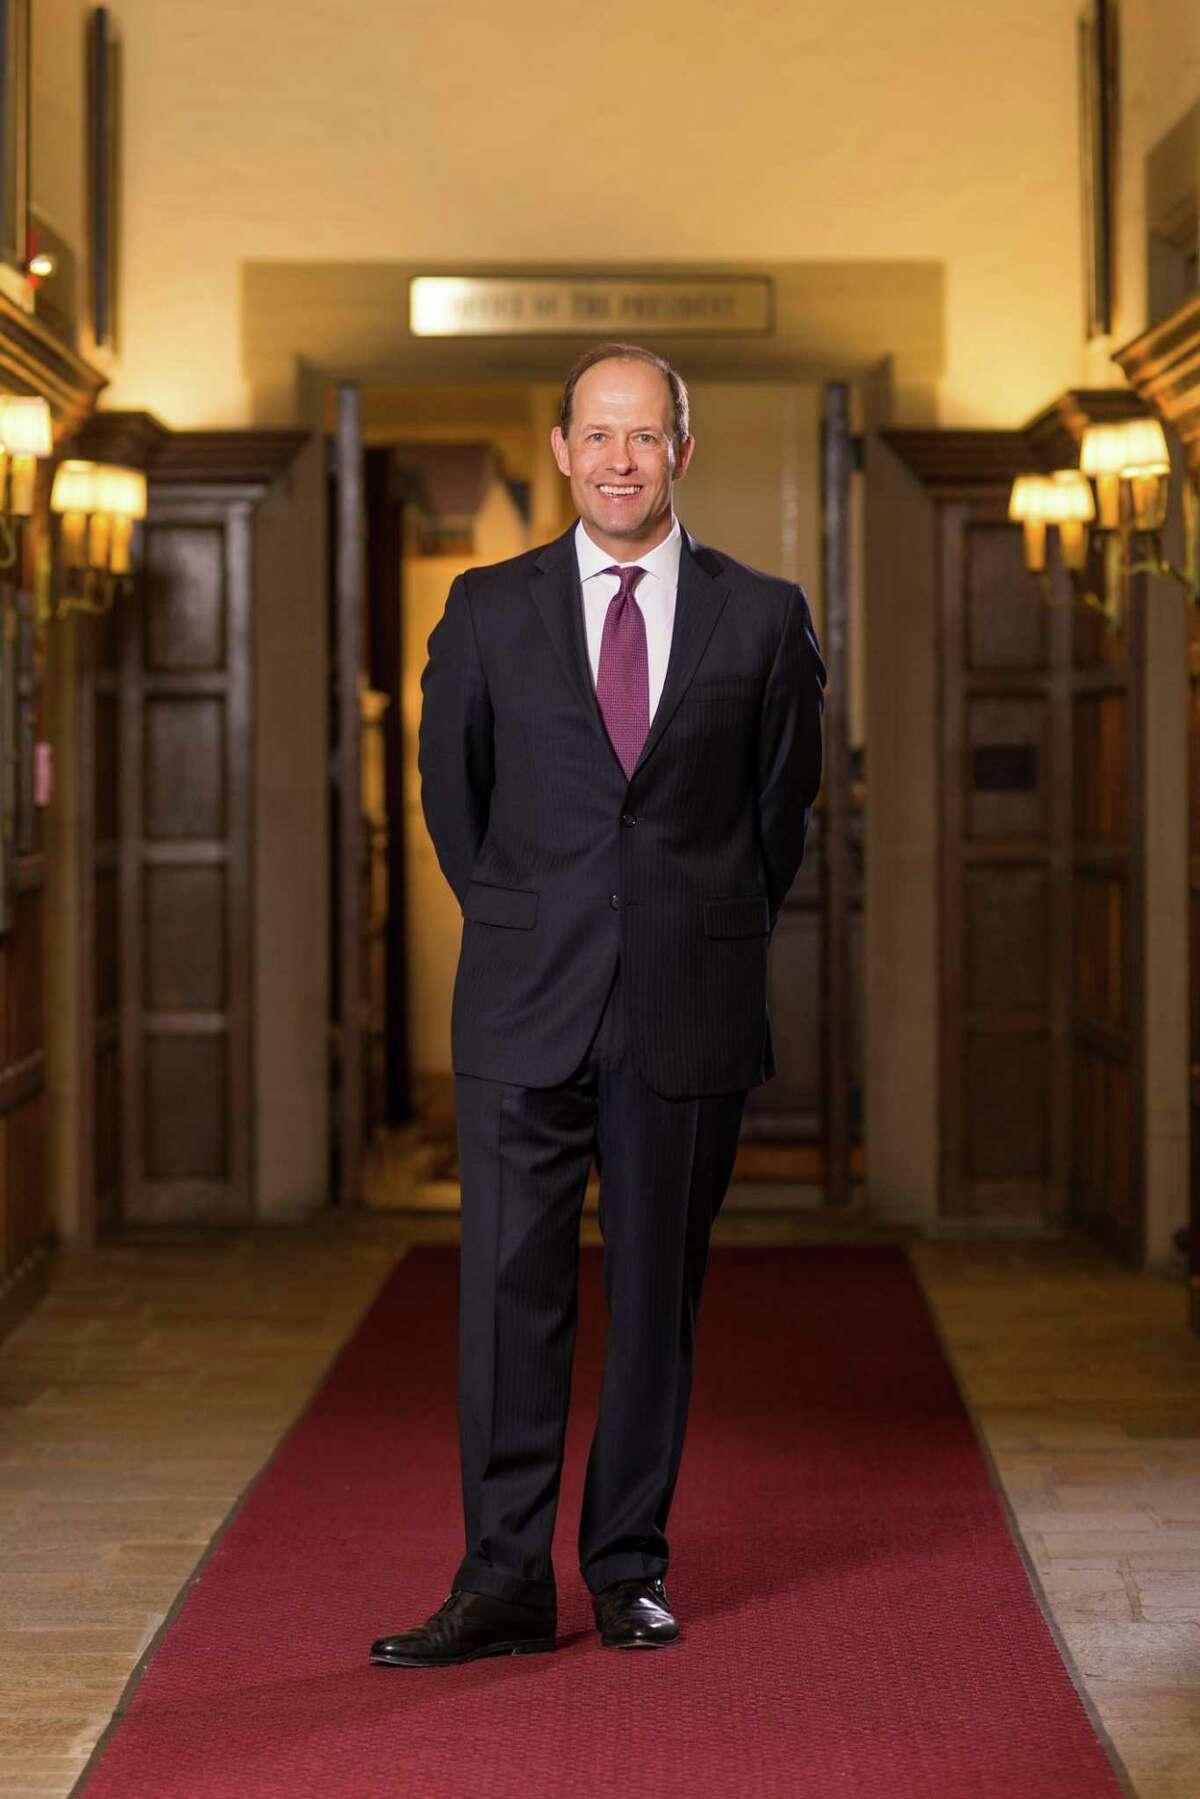 Mark R. Nemec, president of Fairfield University